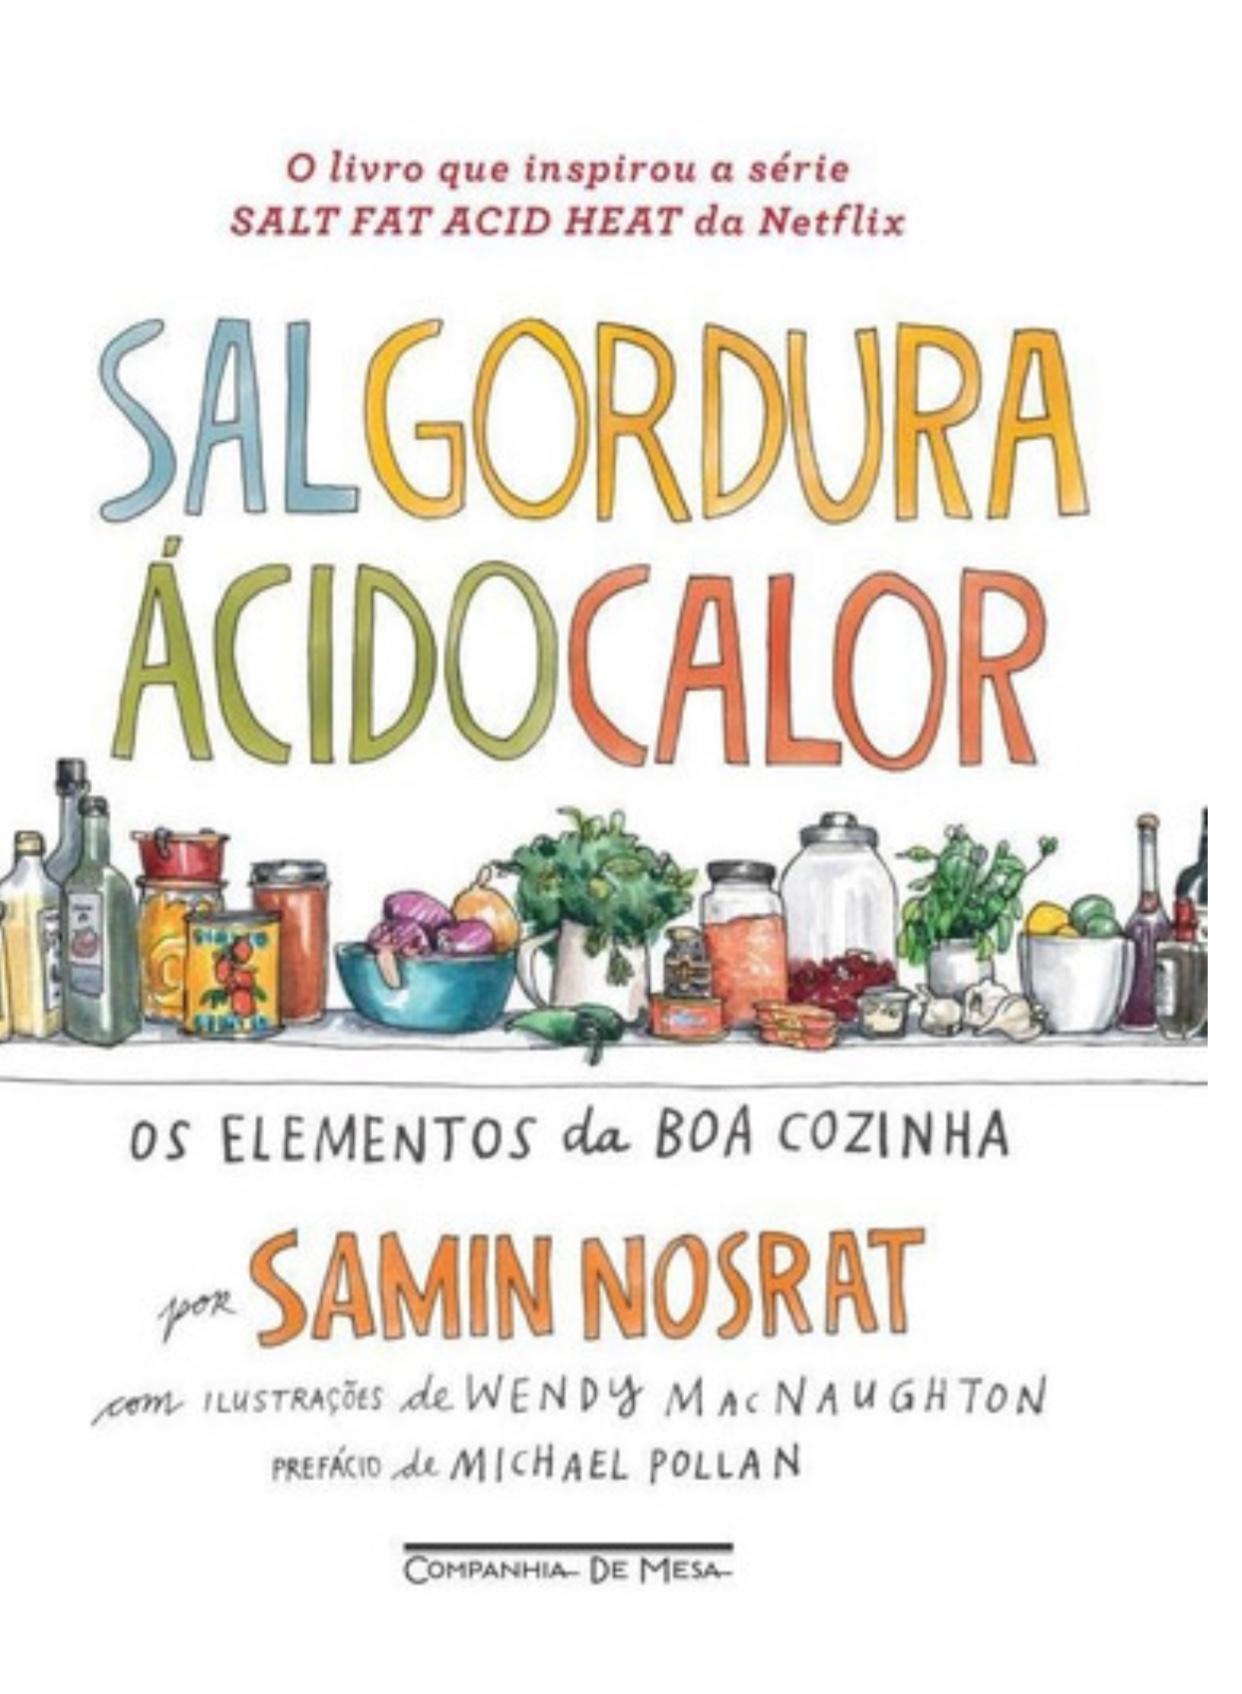 Livro SAL GORDURA ACIDO E CALOR, Samin Nosrat